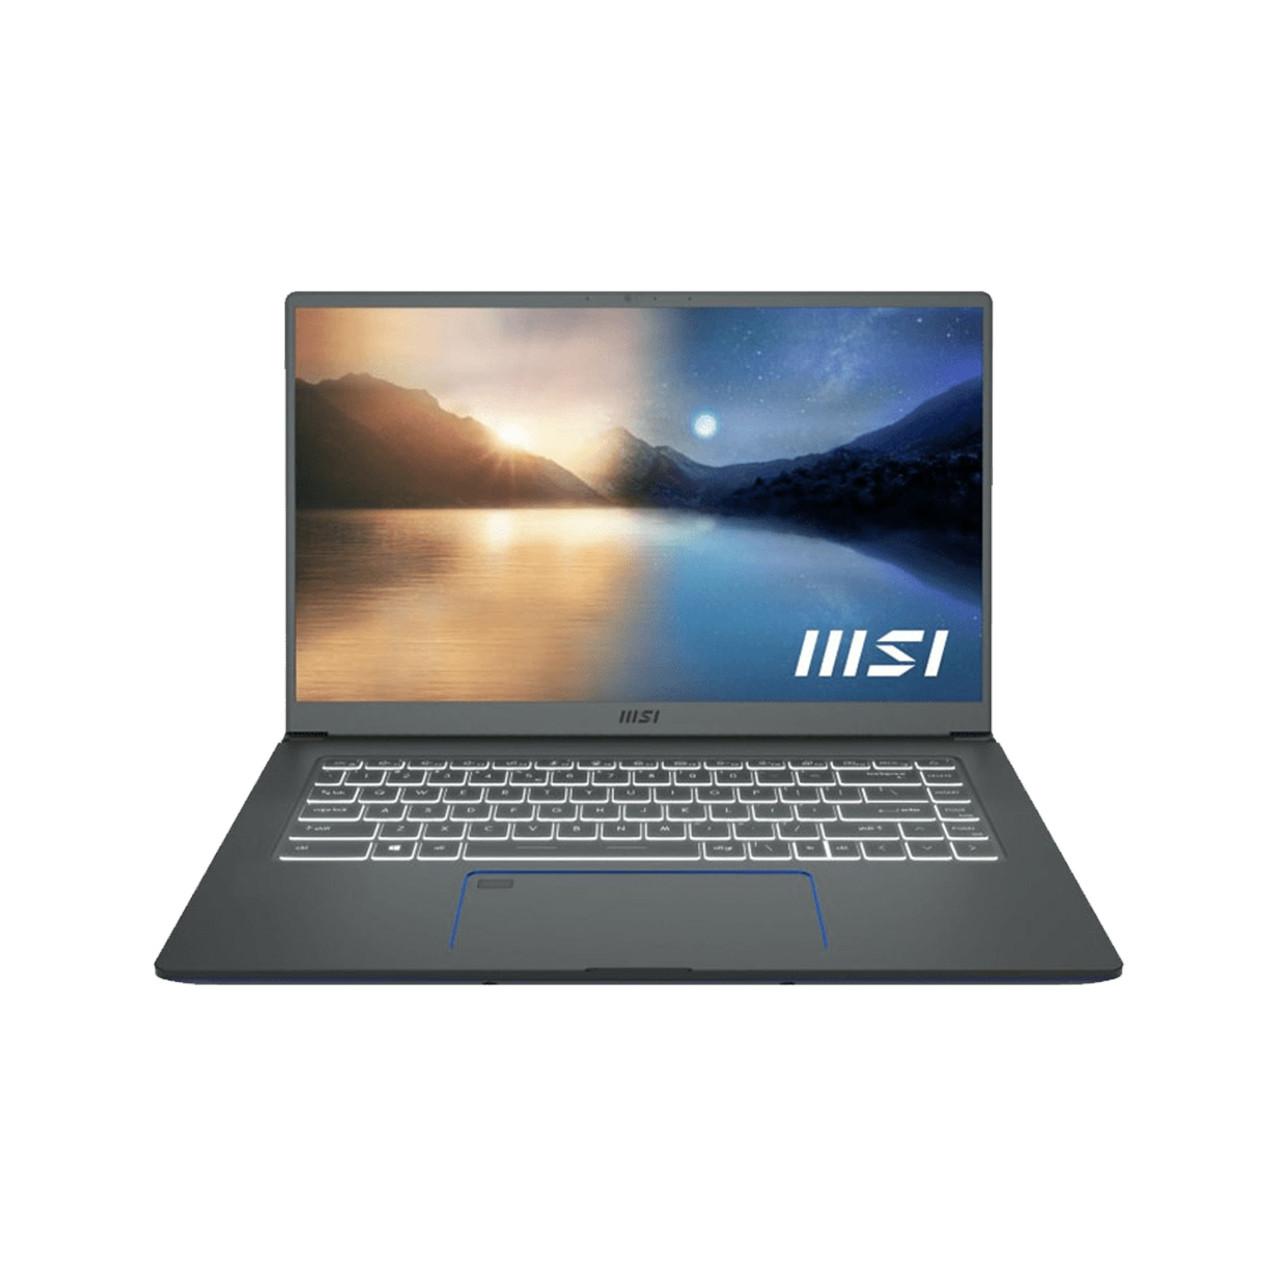 MSI PRESTIGE 15 A11SCX-220TH